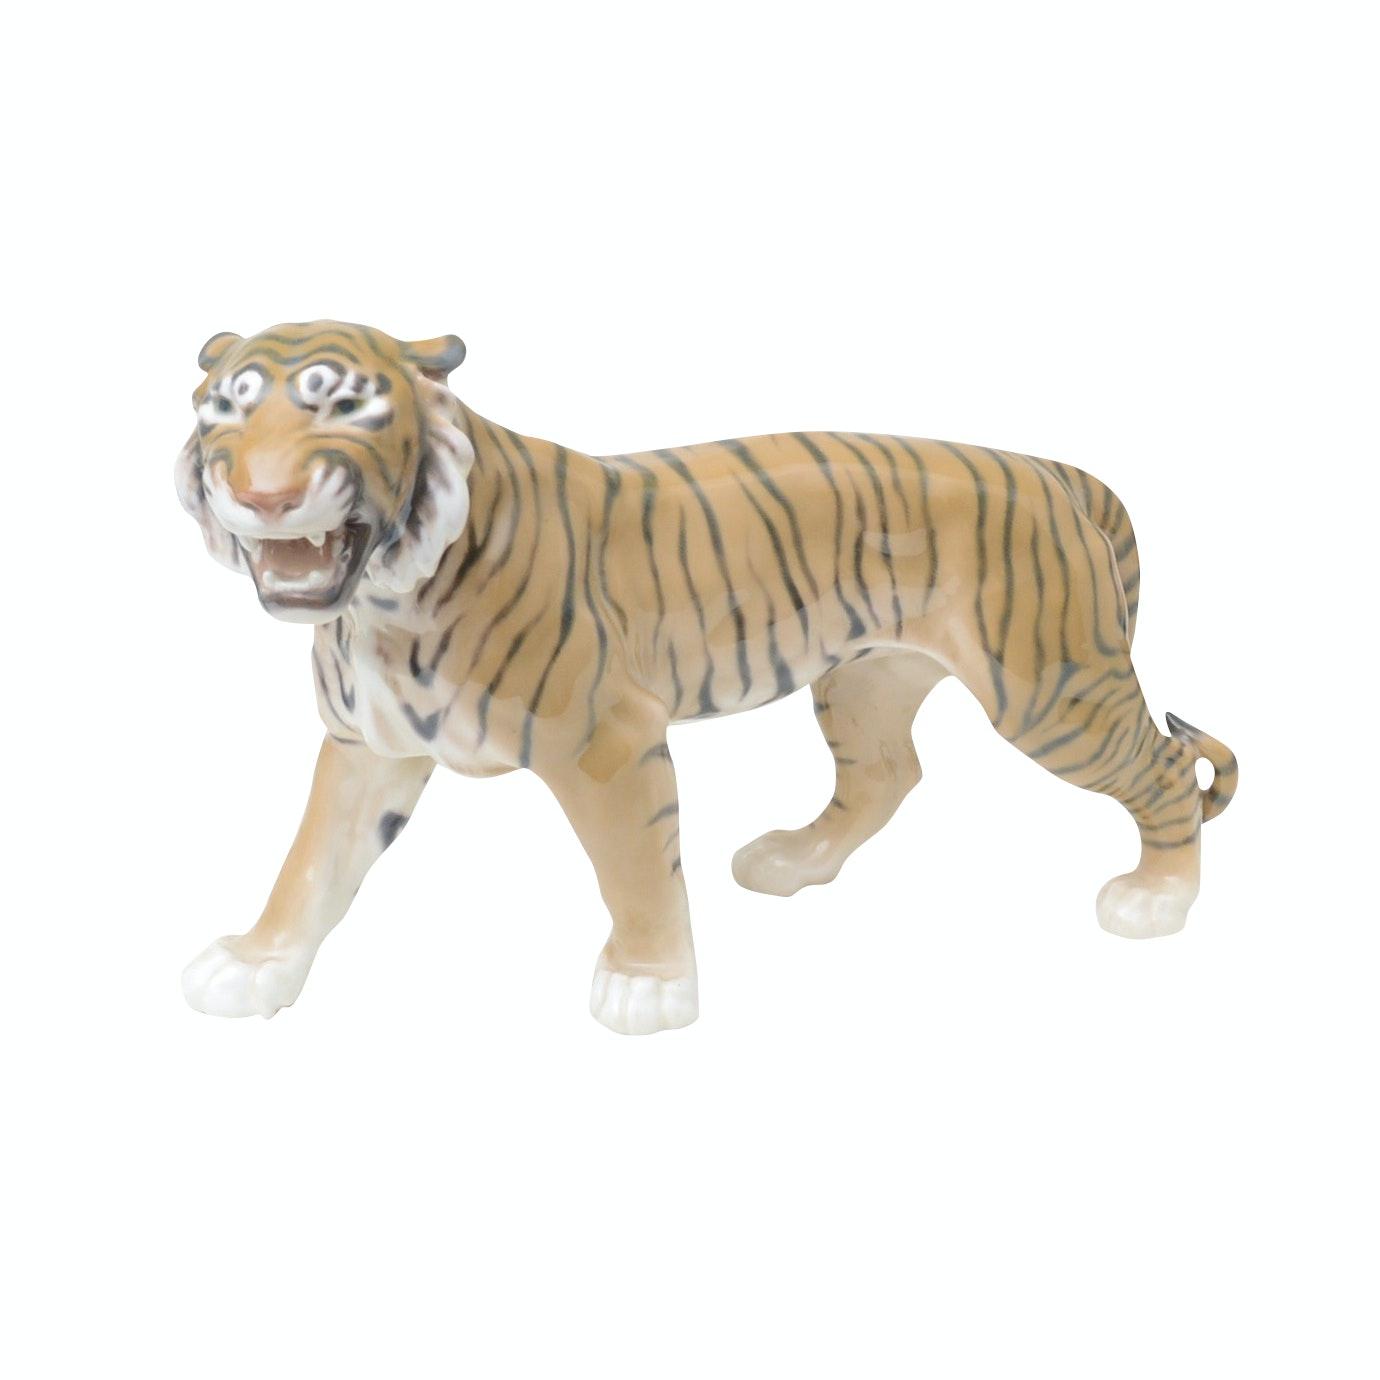 Bing & Grondahl Porcelain Tiger